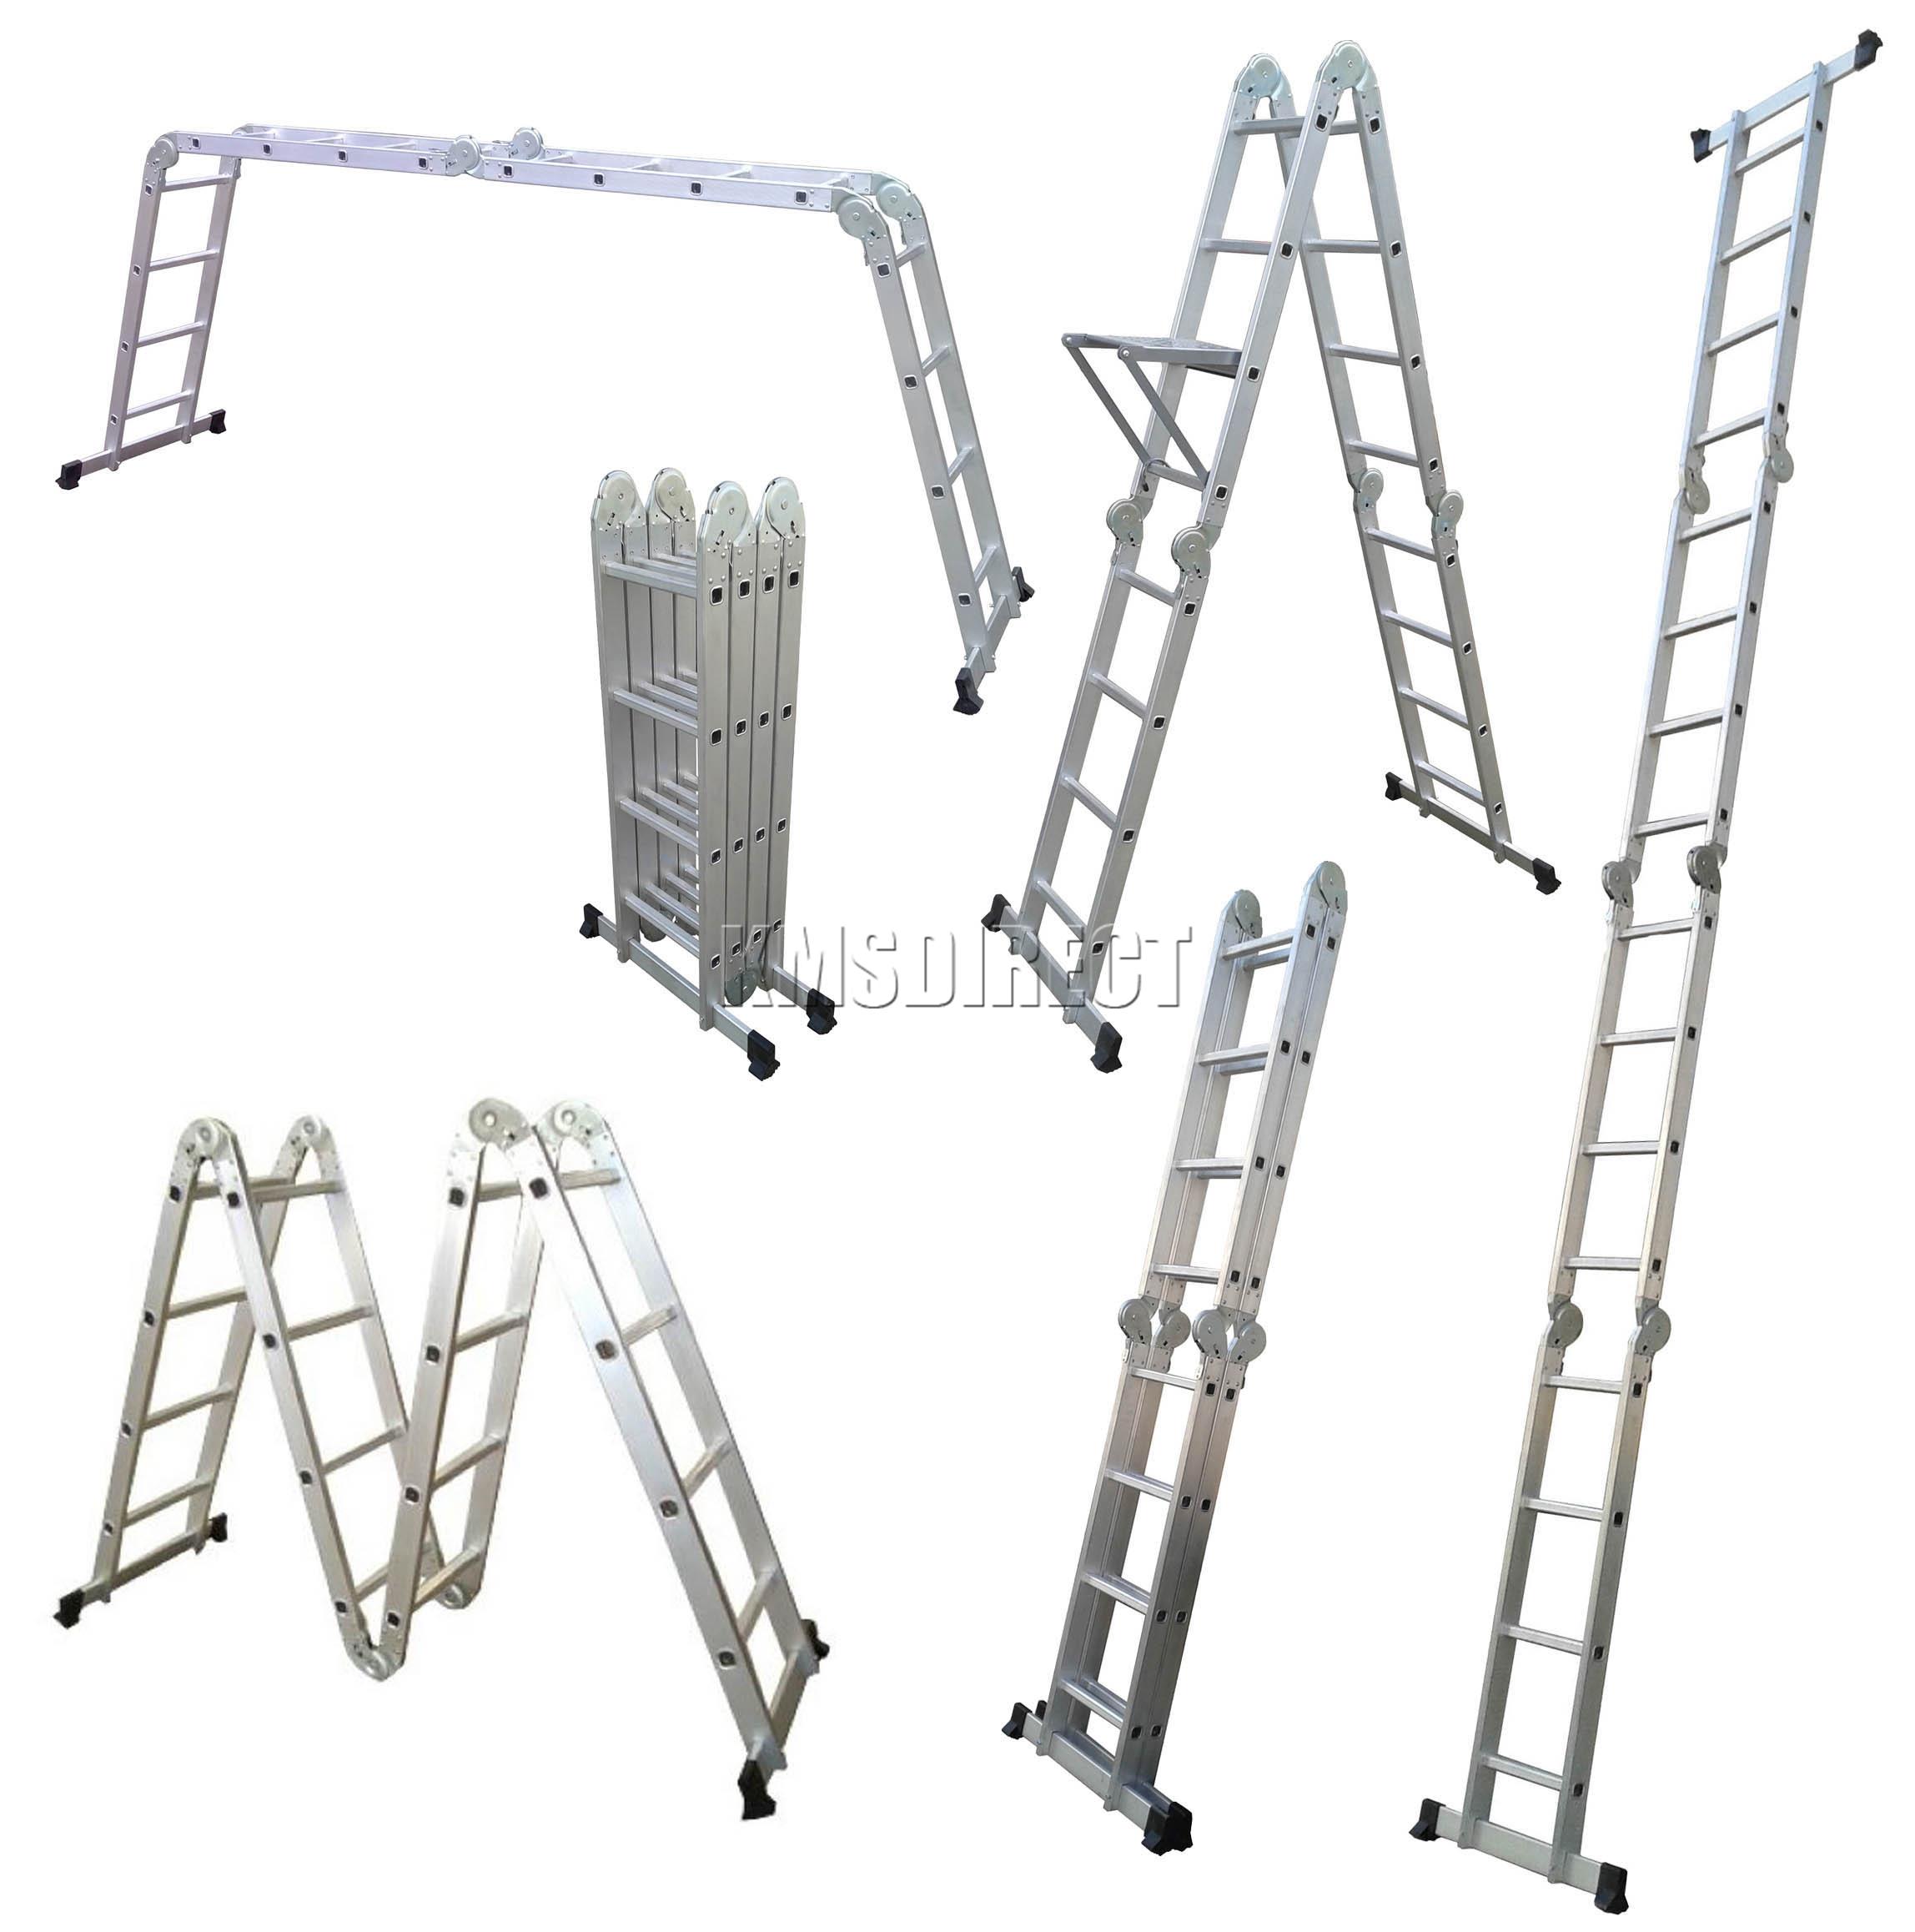 4 75m Multi Purpose Aluminium Extension Scaffold Ladder